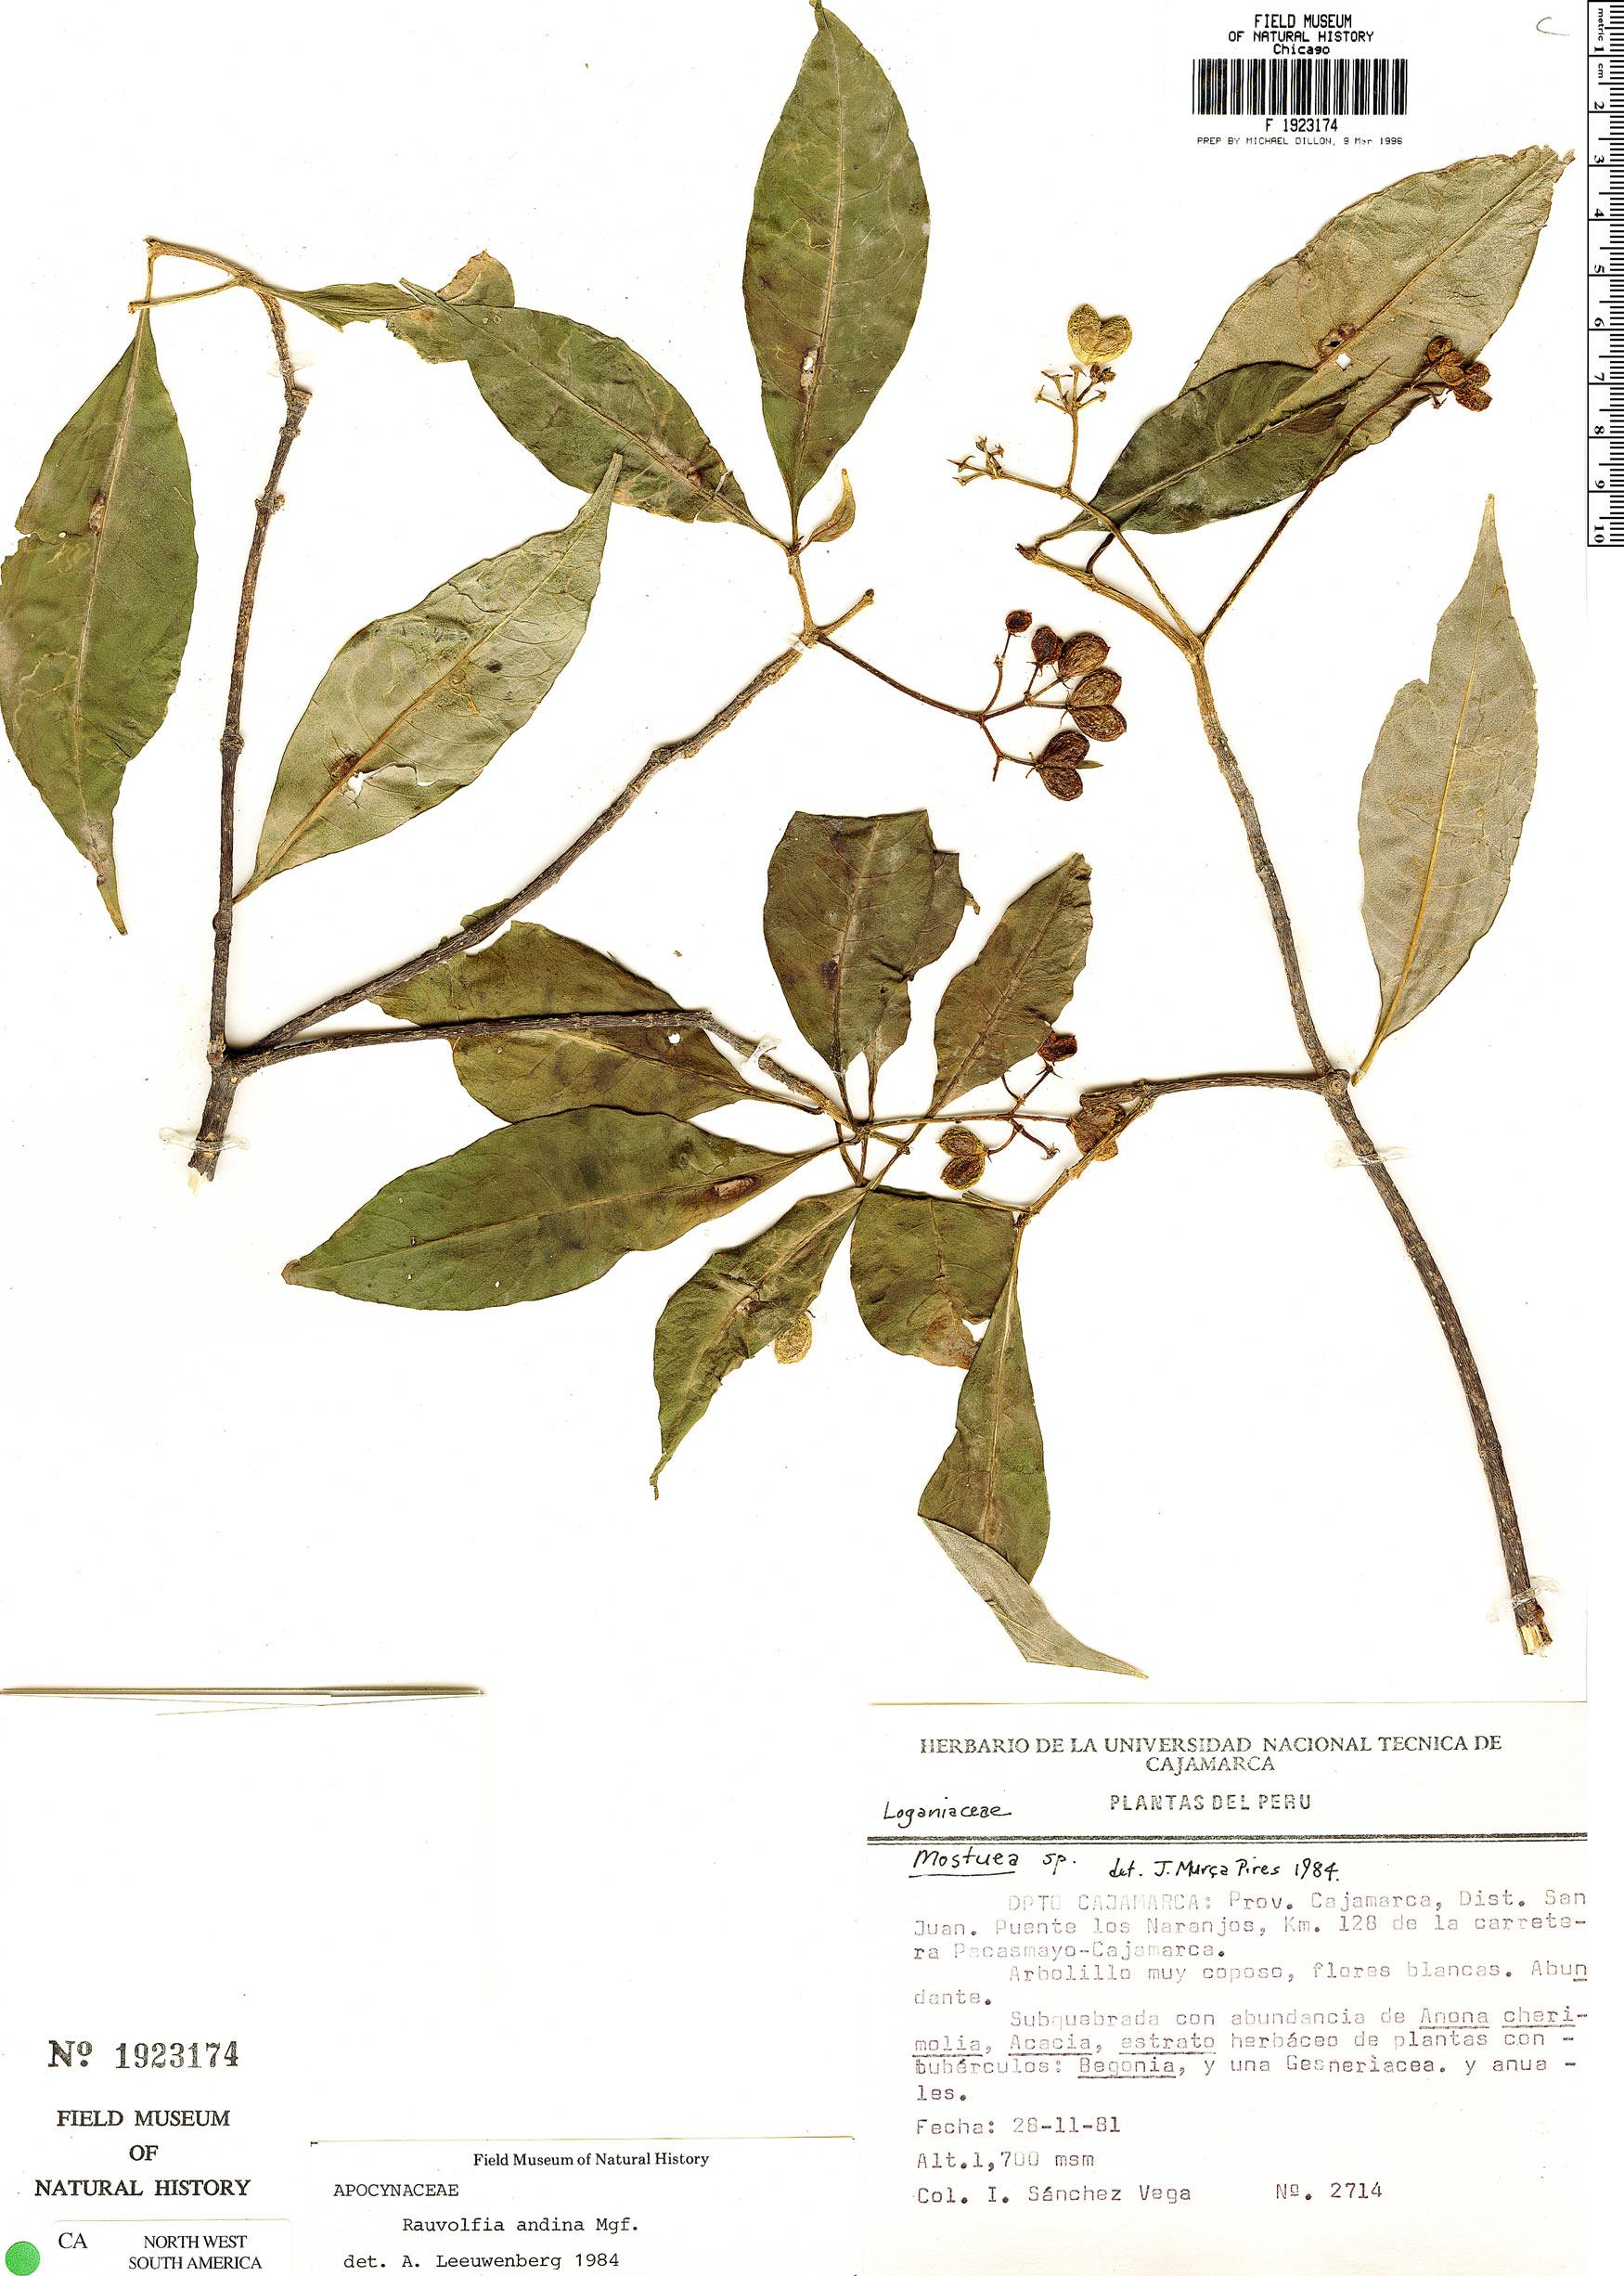 Specimen: Rauvolfia andina